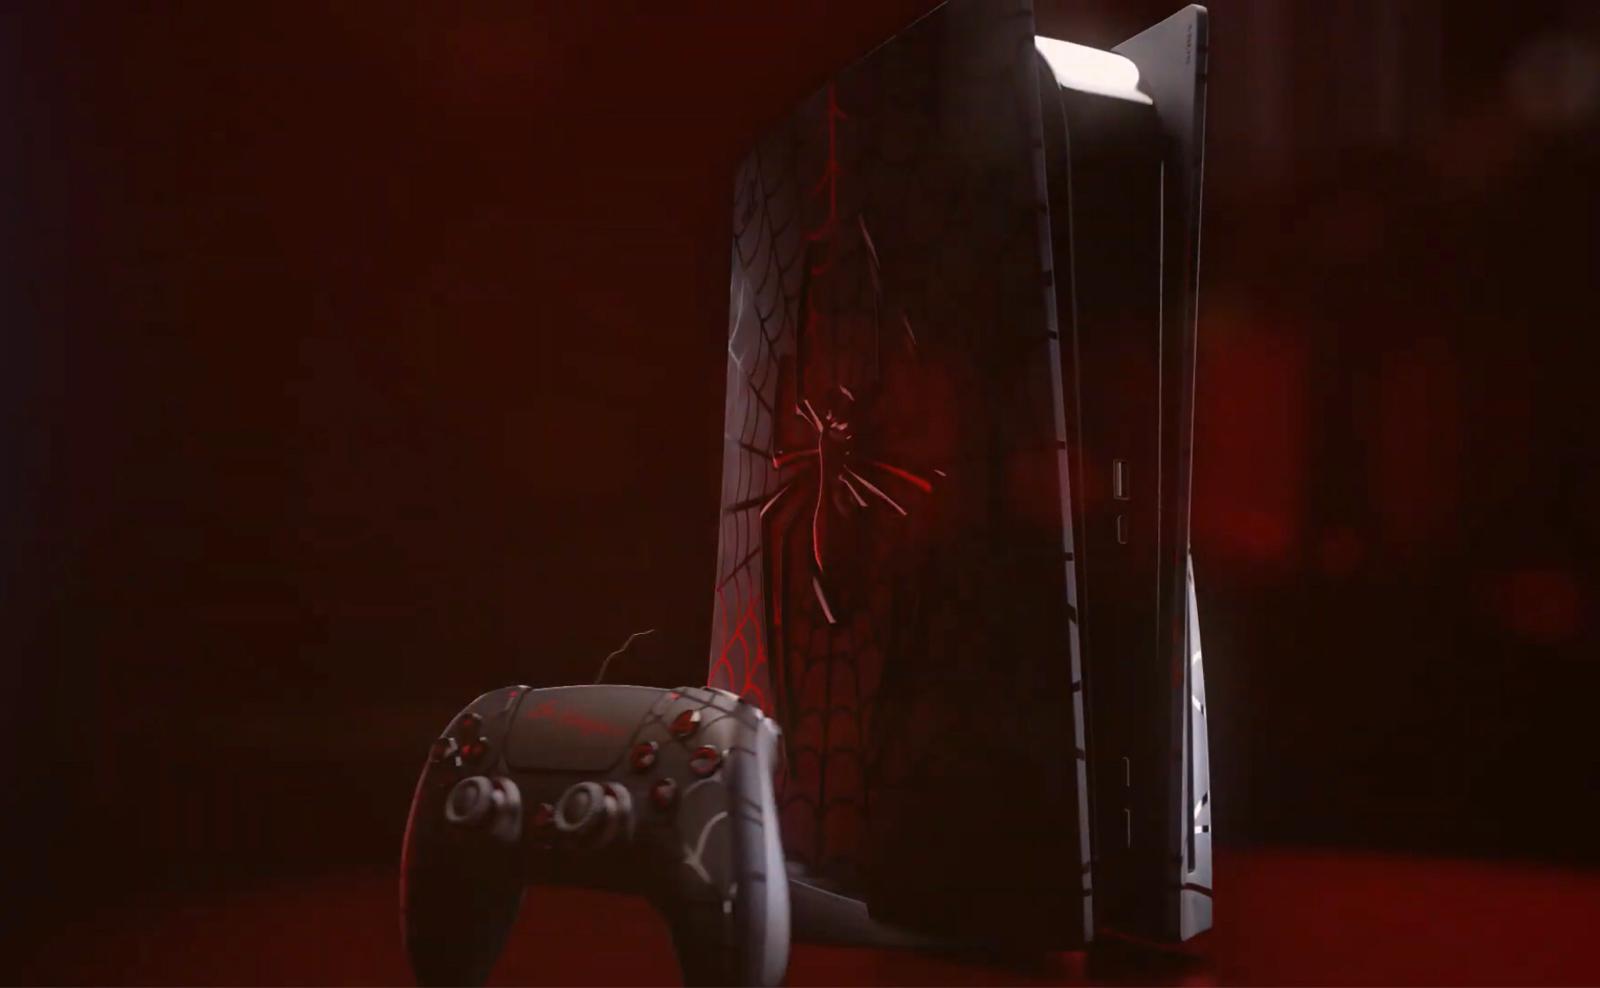 【画像】PS5スパイダーマンエディション、カッコ良すぎるwww